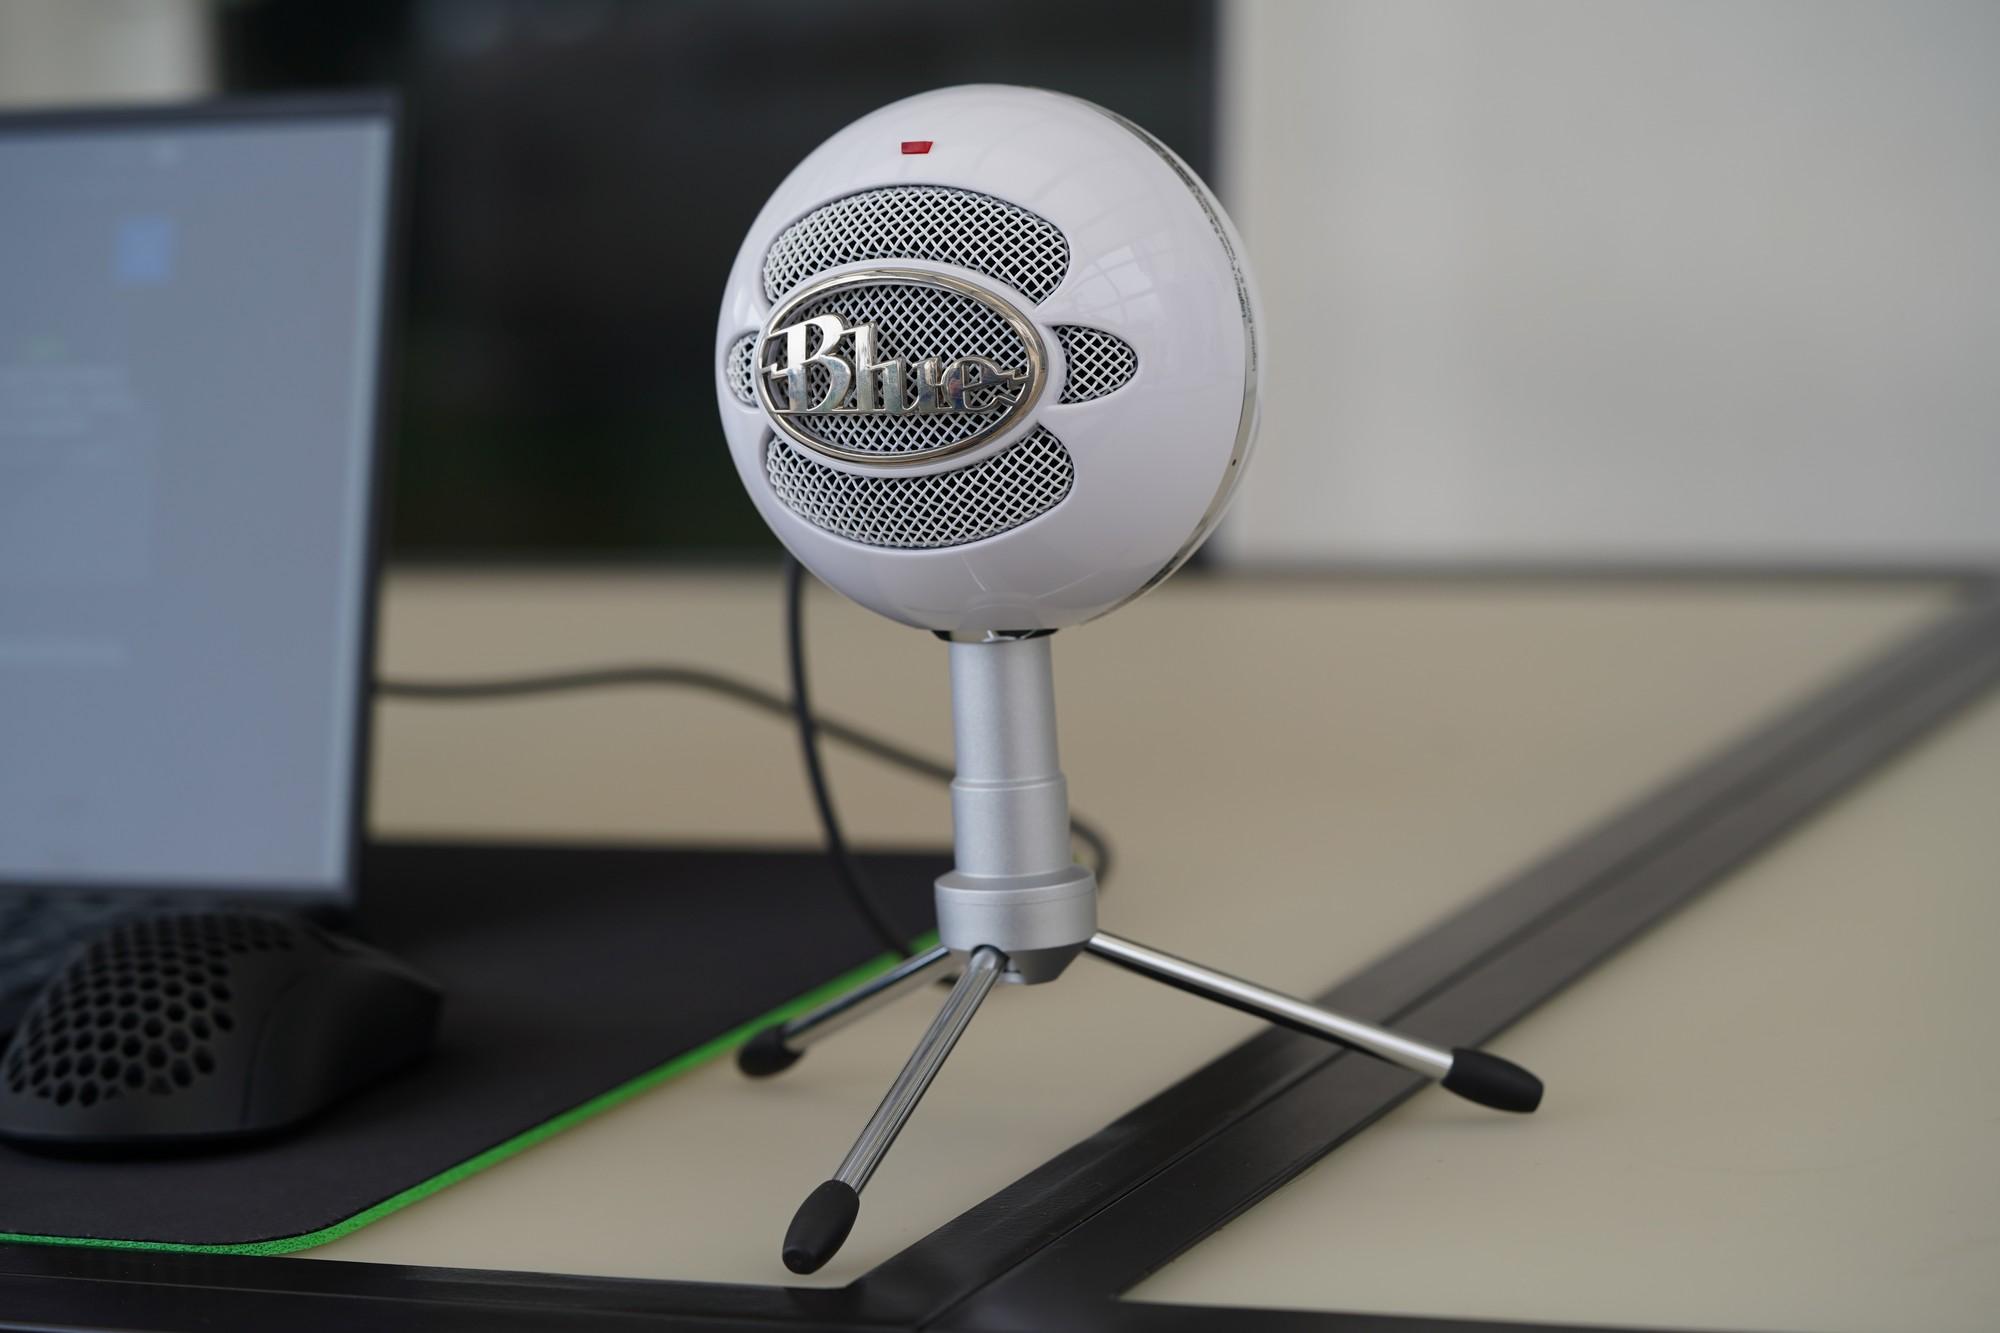 Wielkie porównanie pojemnościowych mikrofonów - BLUE Snowball iCE